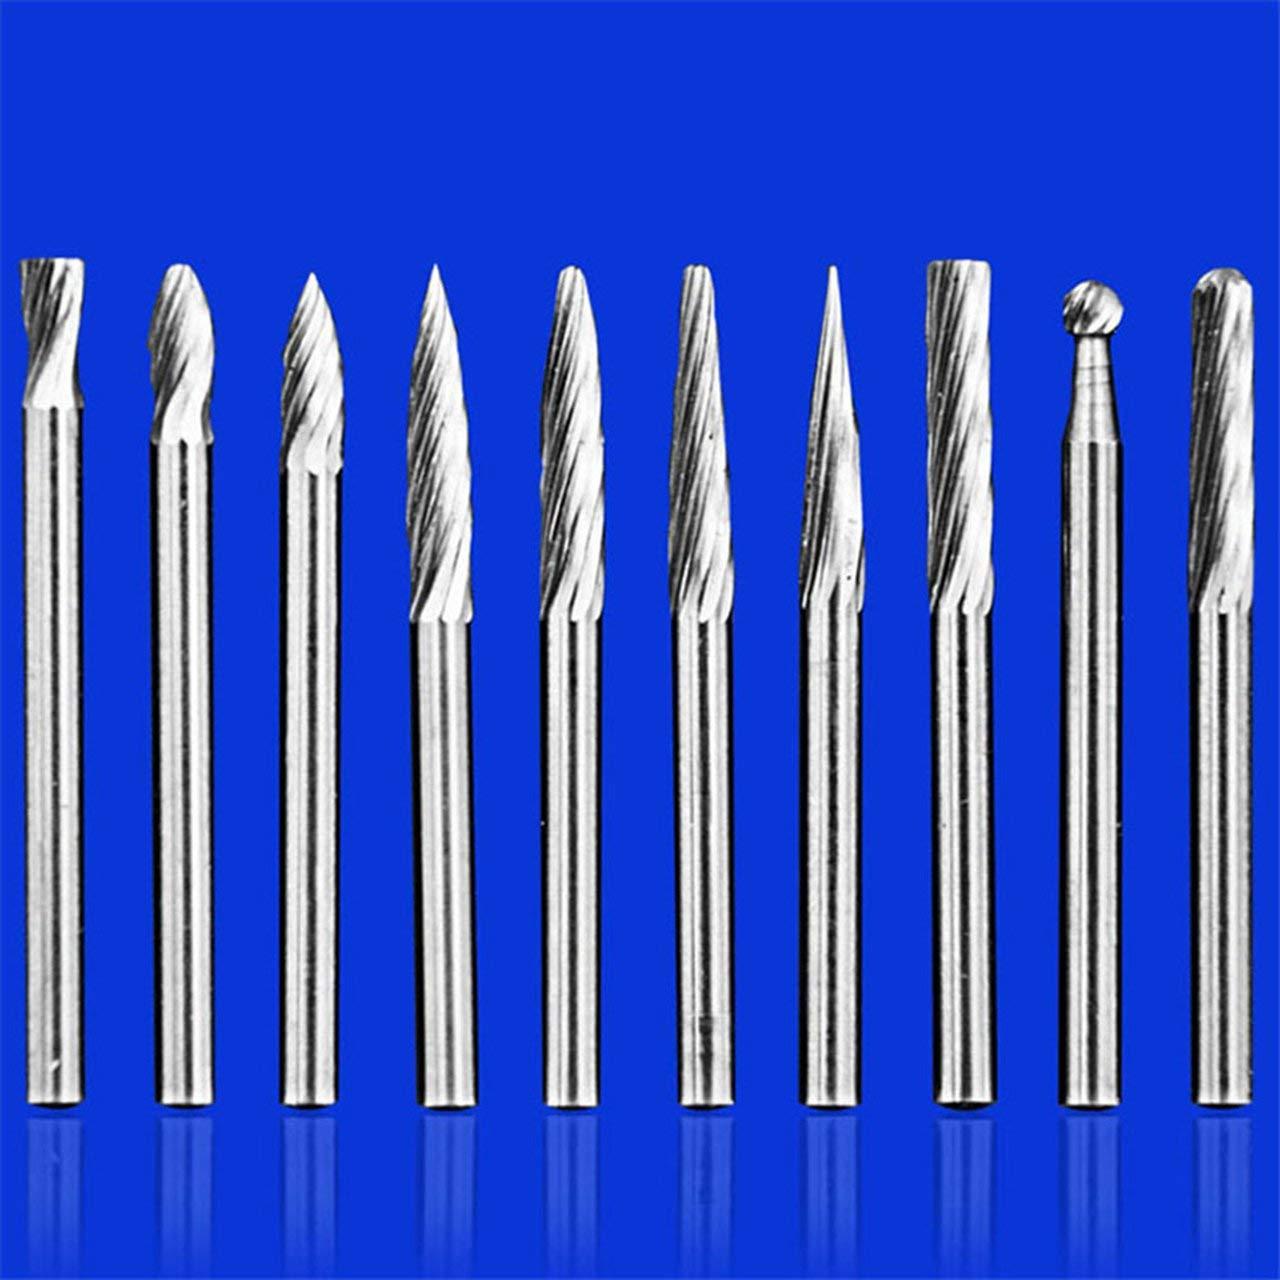 VHM Burr Set Wolframkarbid Rotary Files Burrs mit 3mm Schneidkopf Durchmesser geeignet f/ür die meisten Drehbohrer Die Grinder DEjasnyfall Silber